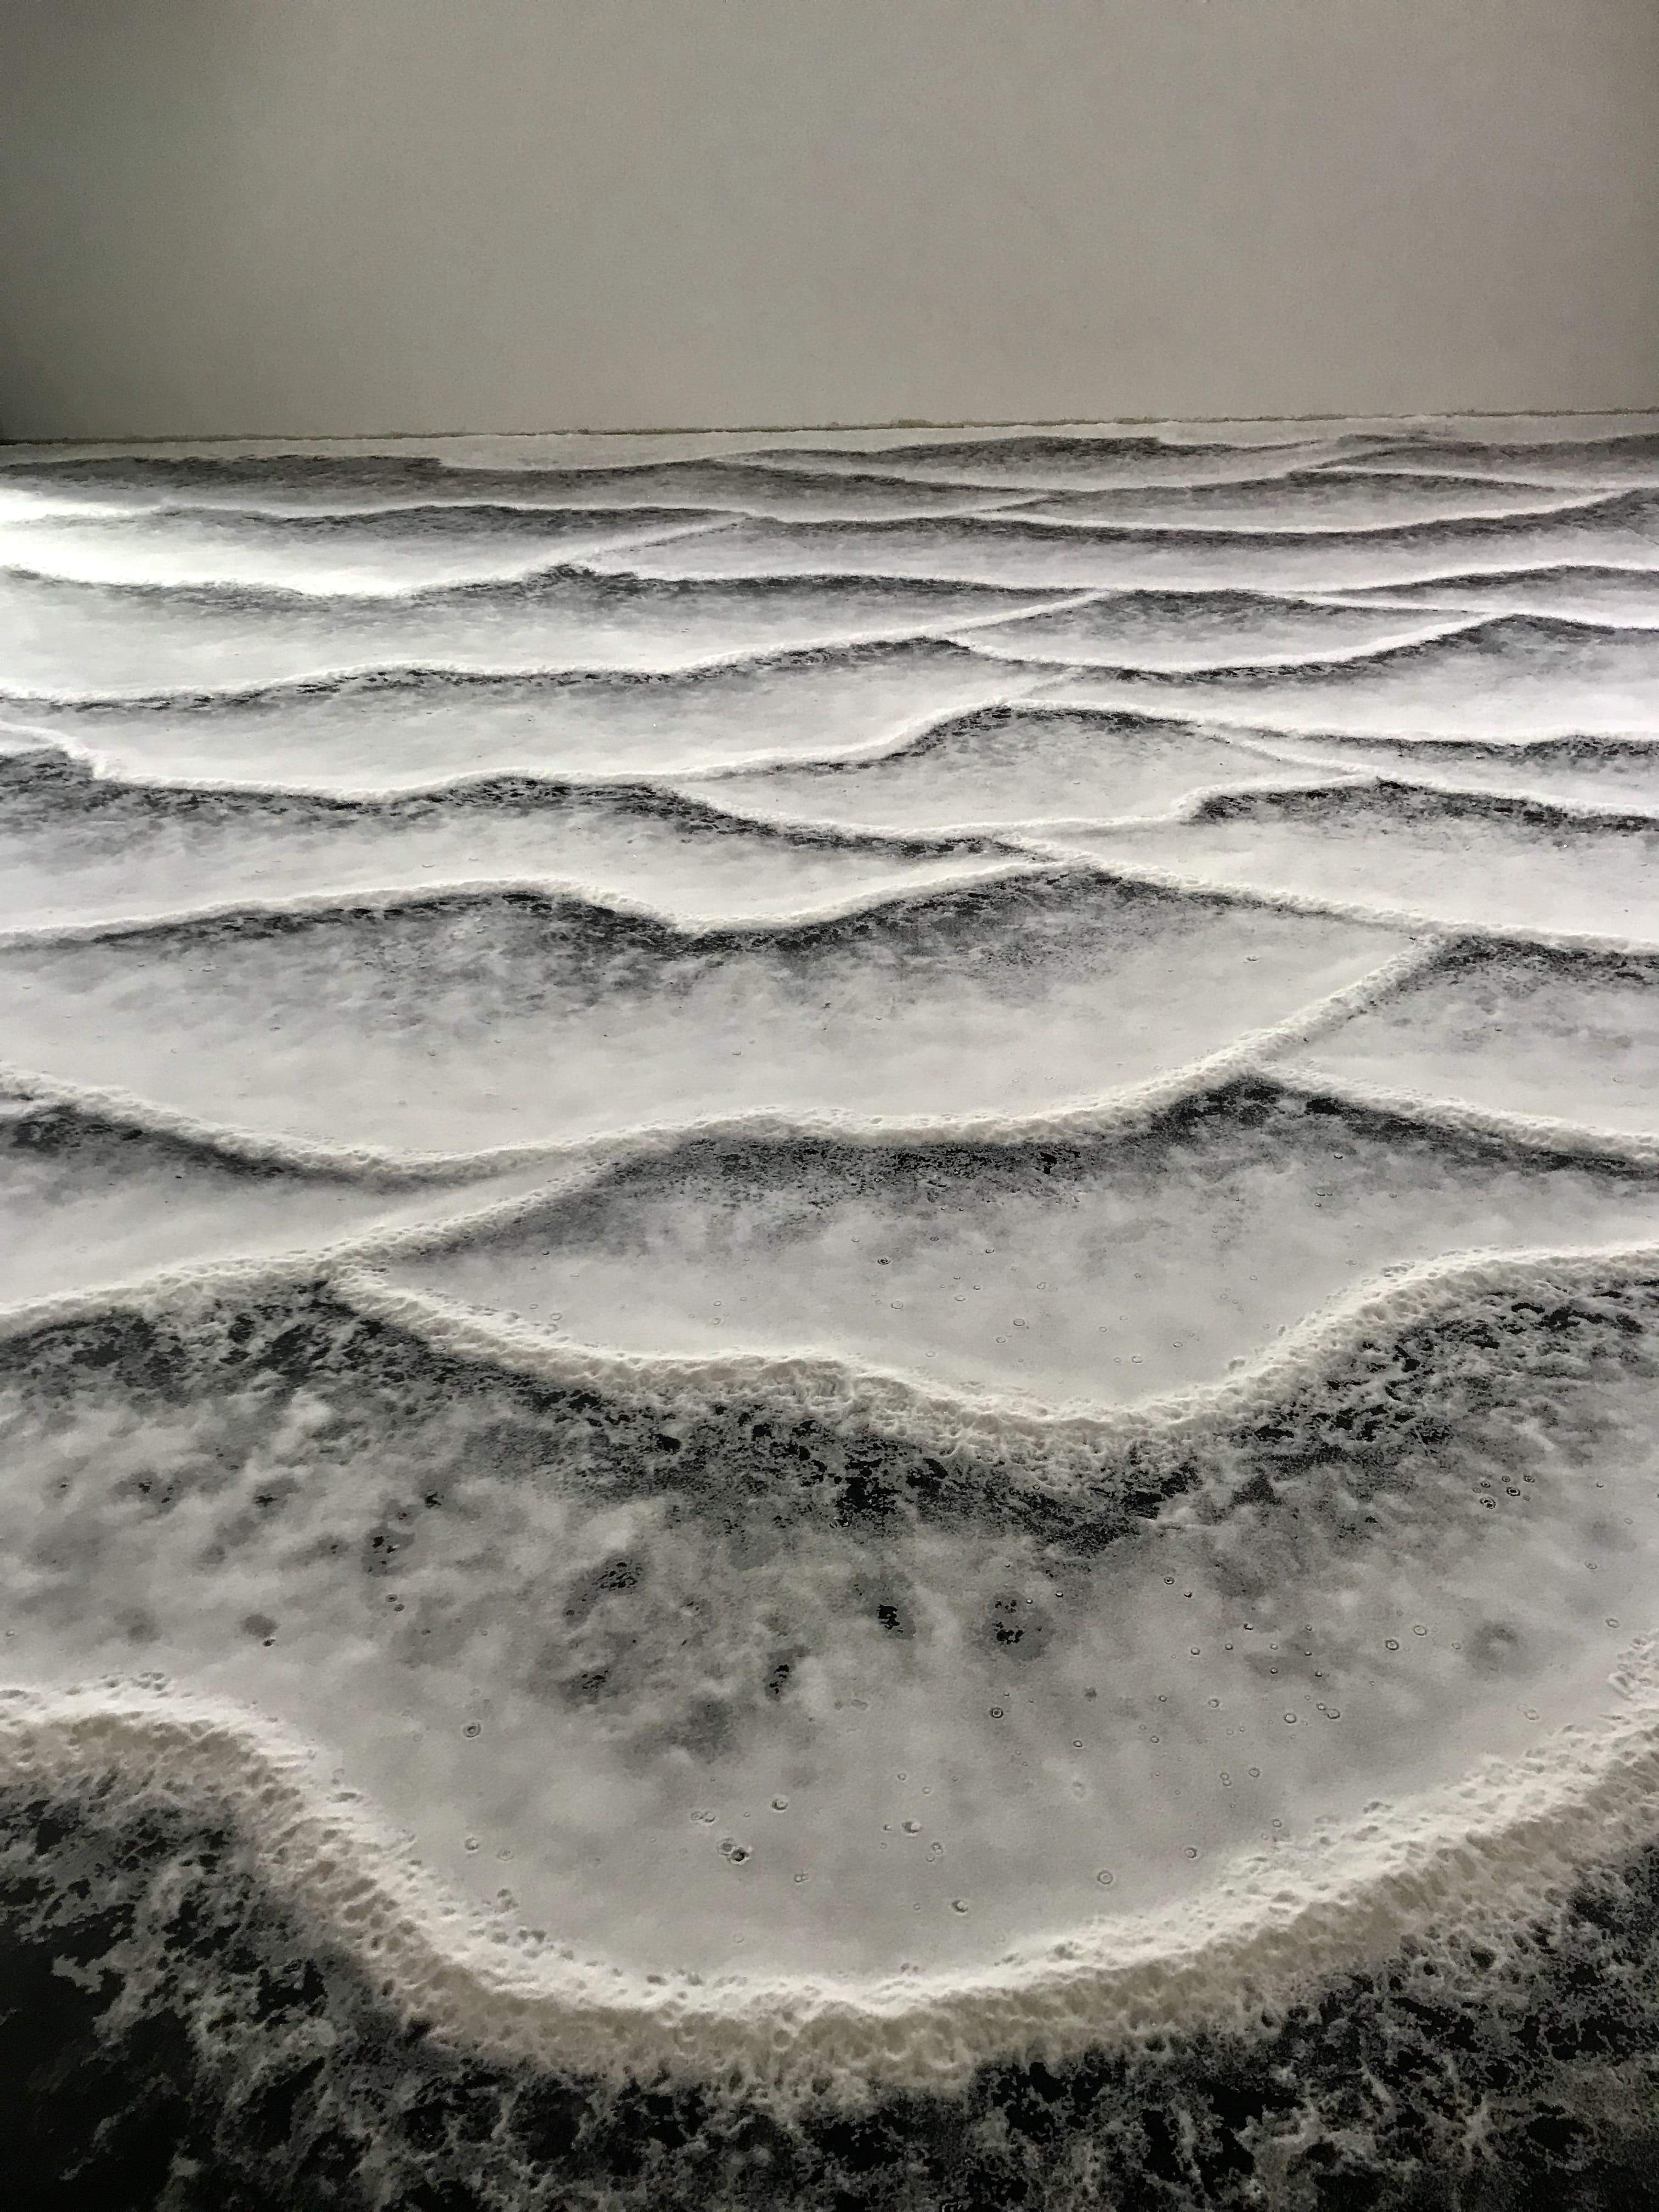 εγκατάσταση τέχνης που προσομοιώνει τα θαλάσσια κύματα